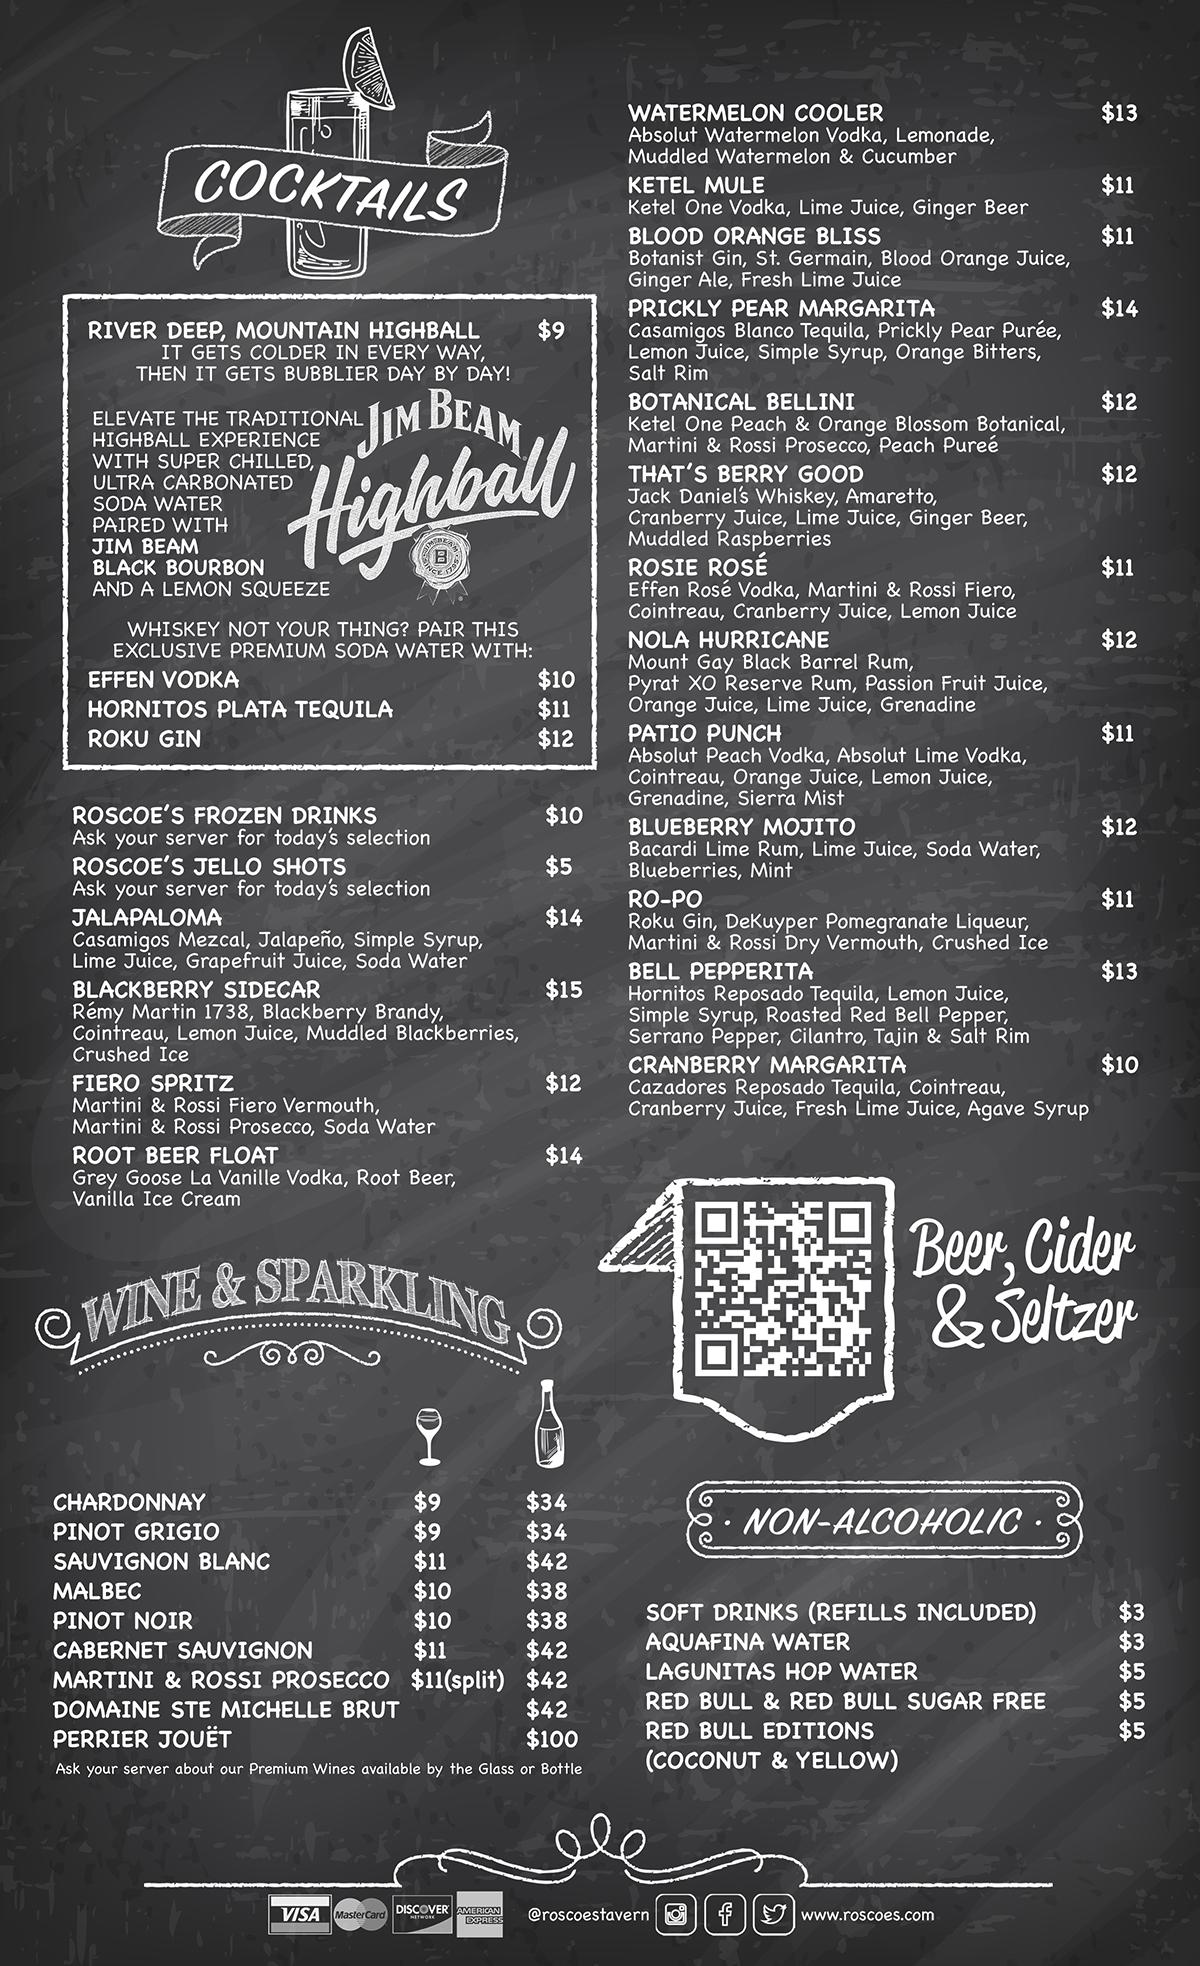 roscoes-menu-041421-back